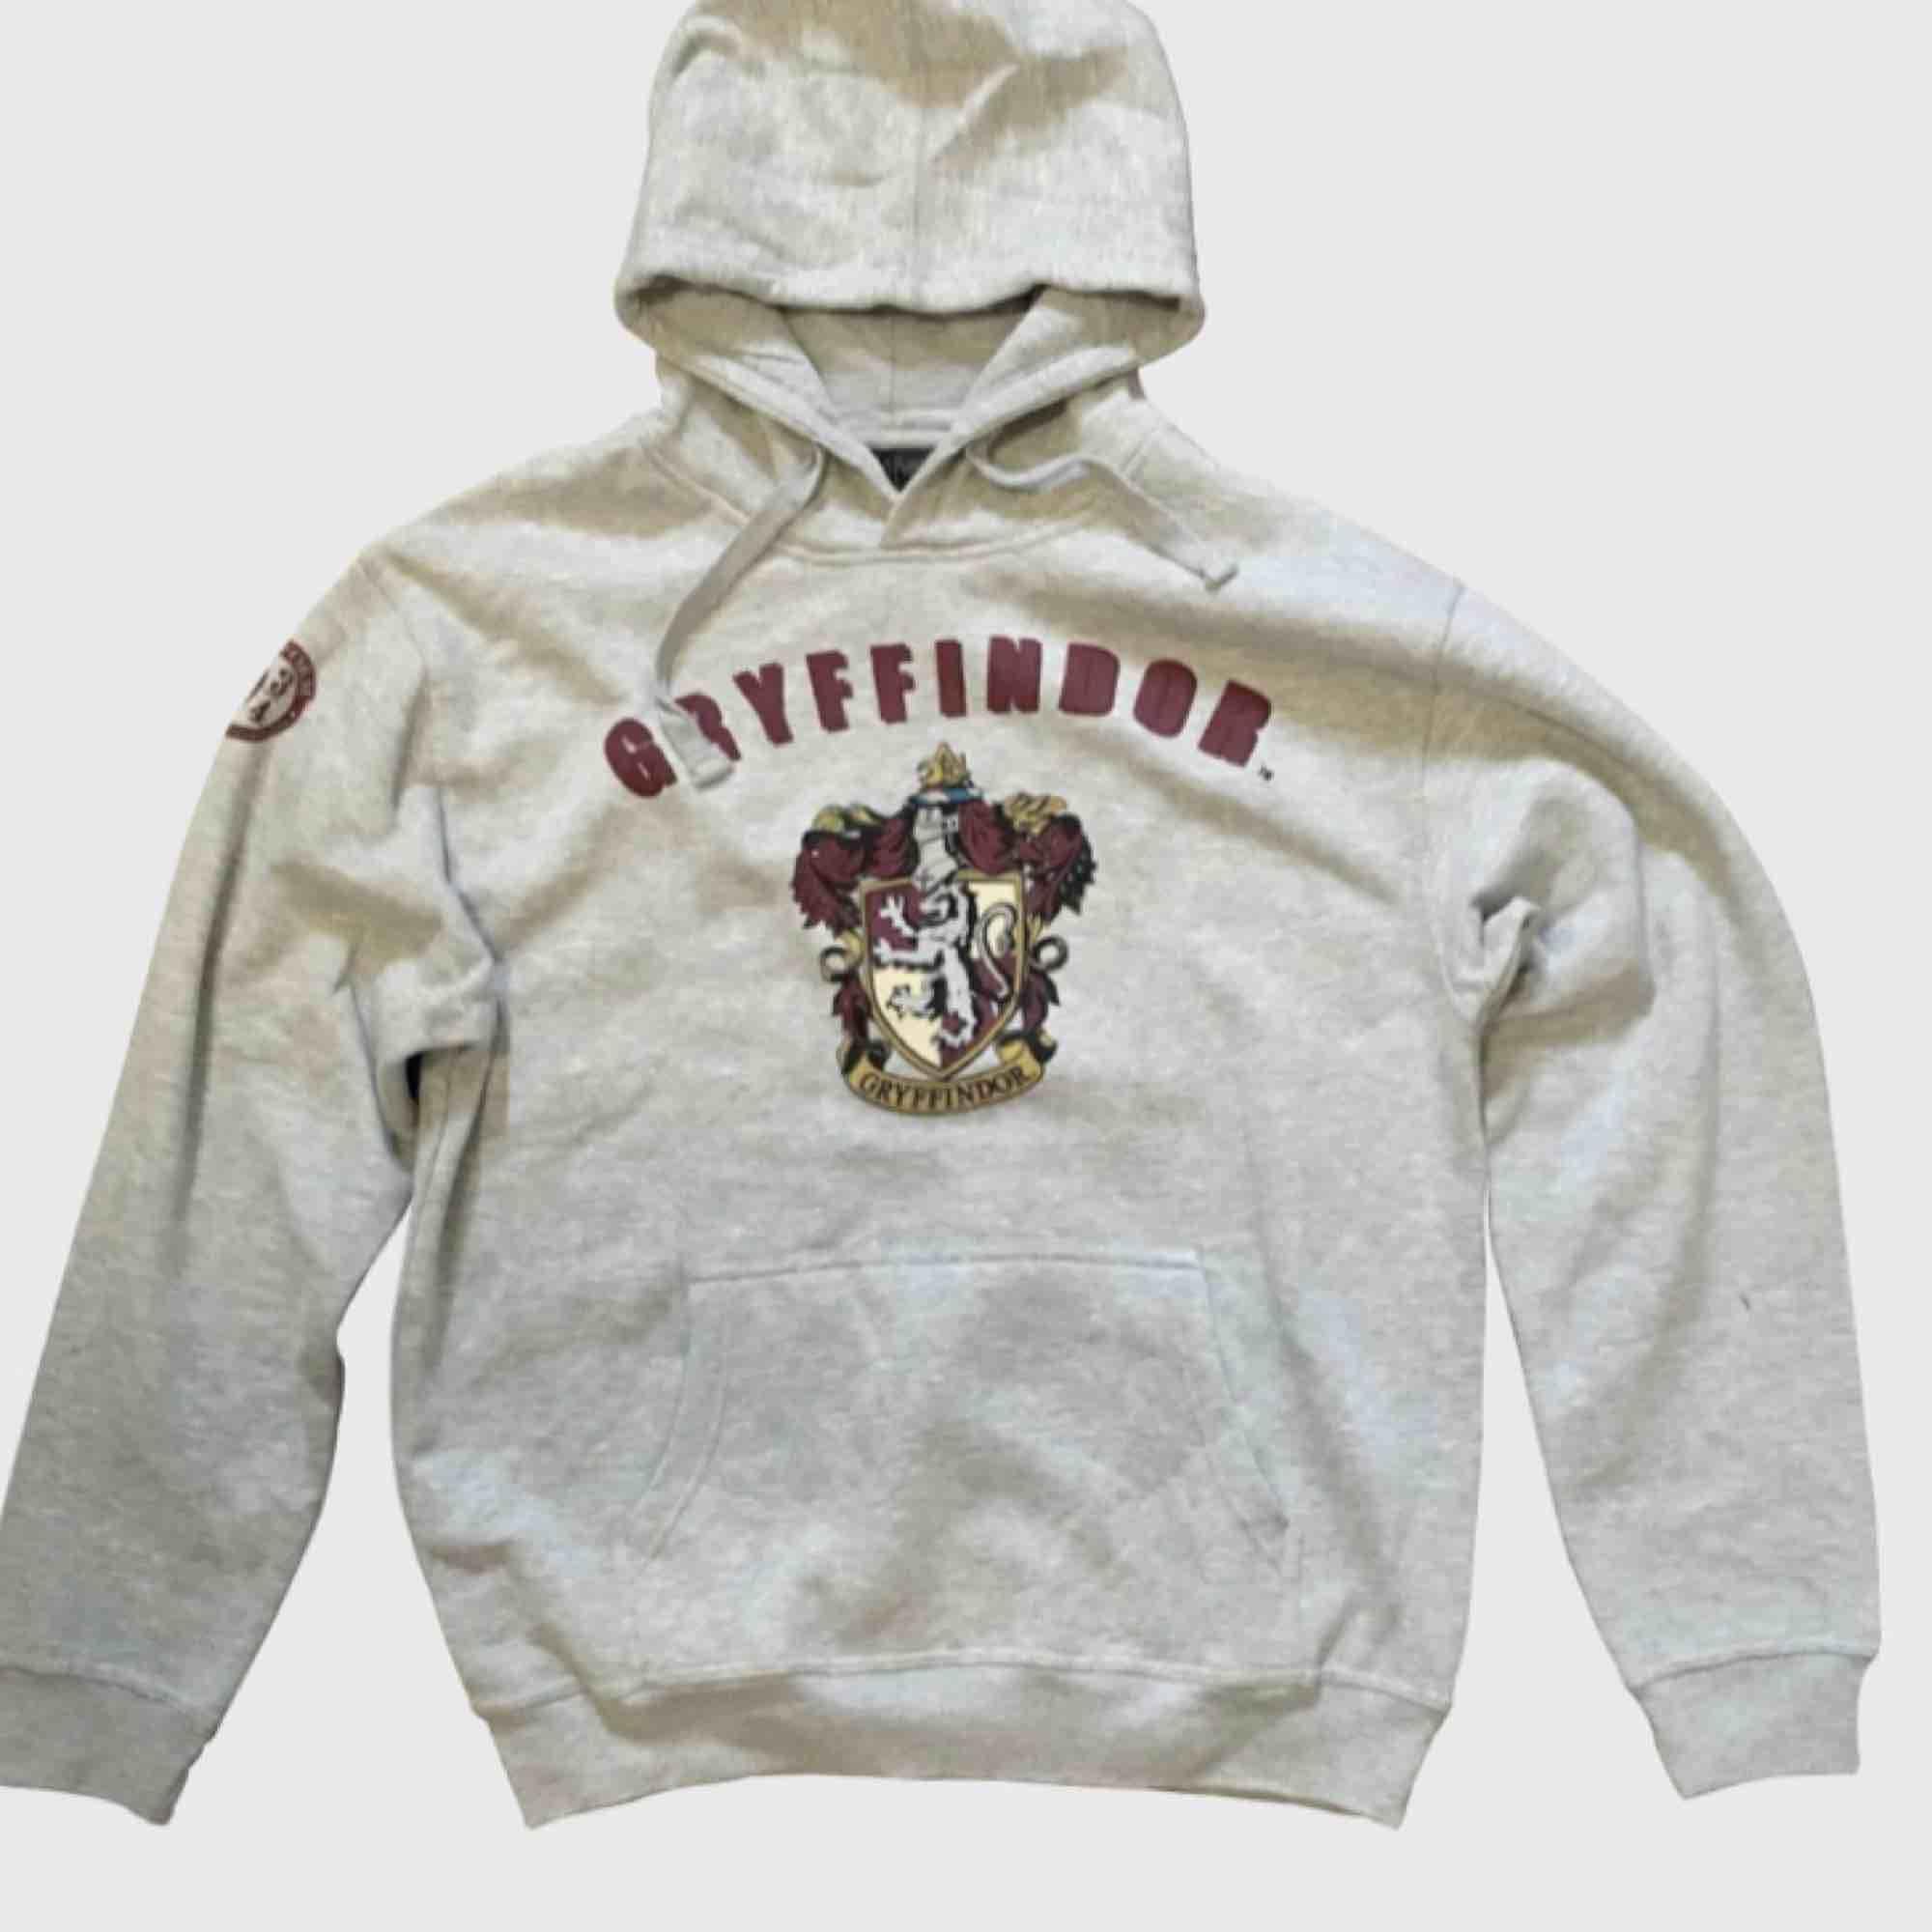 Gryffindor hoodie från 9 3/4 butiken i London! Säljes pga tappat intresse Super bra kvalité ursprungspris 400kr och endast använd hemma fåtal gånger.. Tröjor & Koftor.